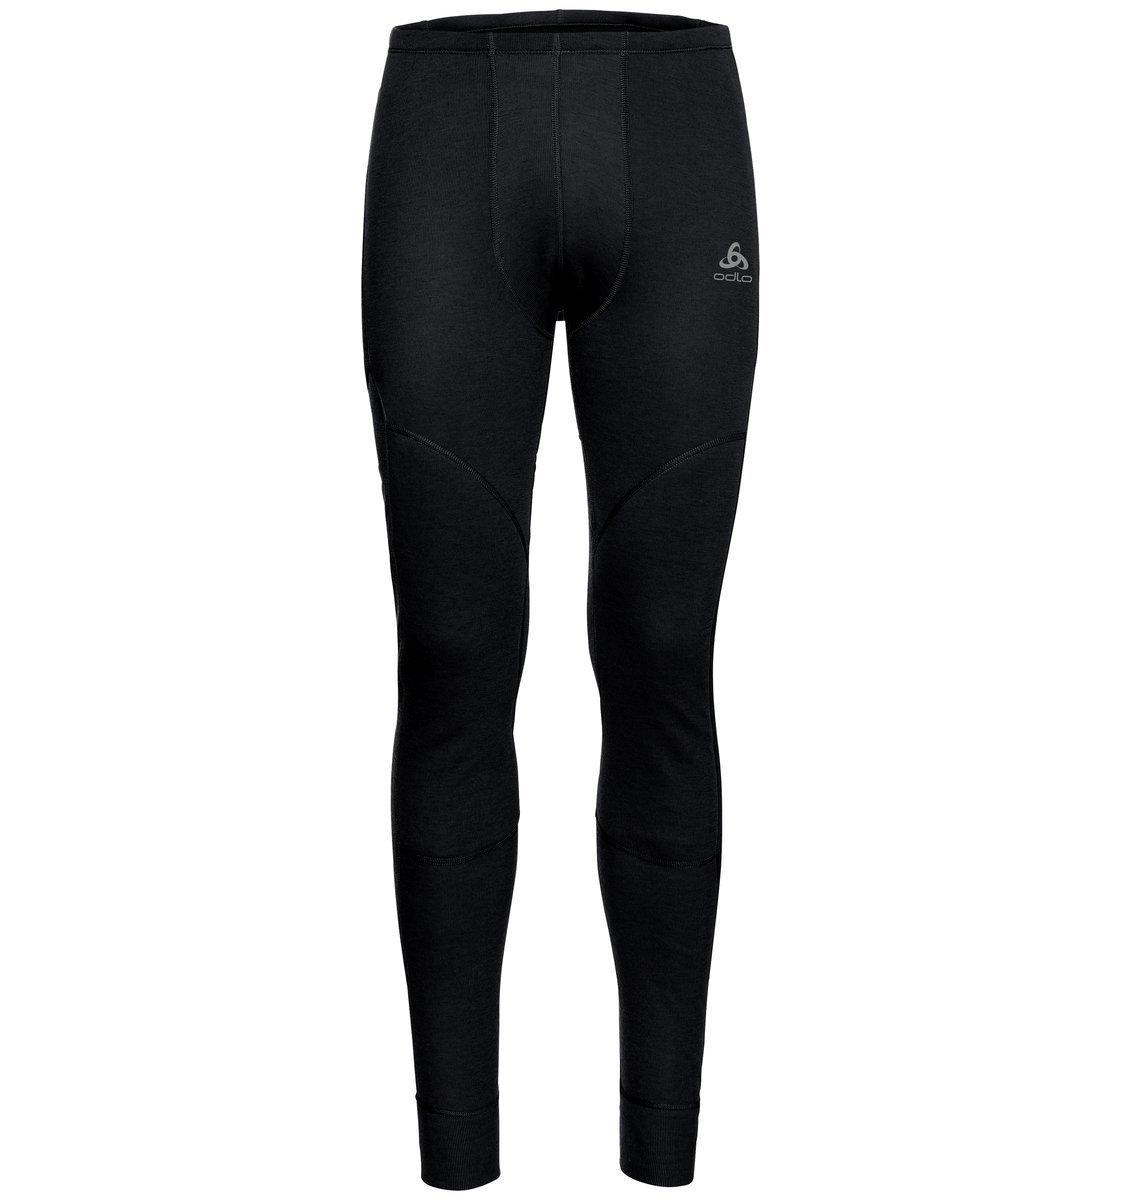 保暖內著/男裝Active X-Warm加厚保暖長褲-黑色